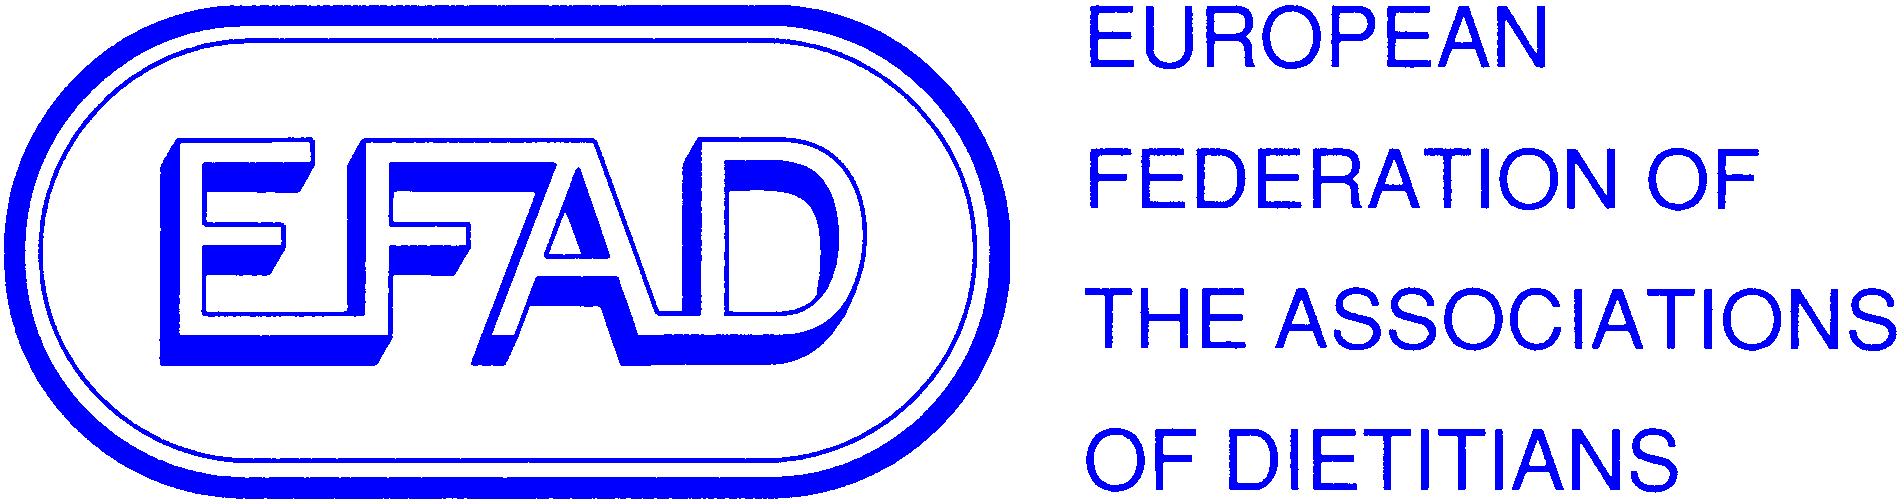 Presentación de SEDYN ante la EFAD